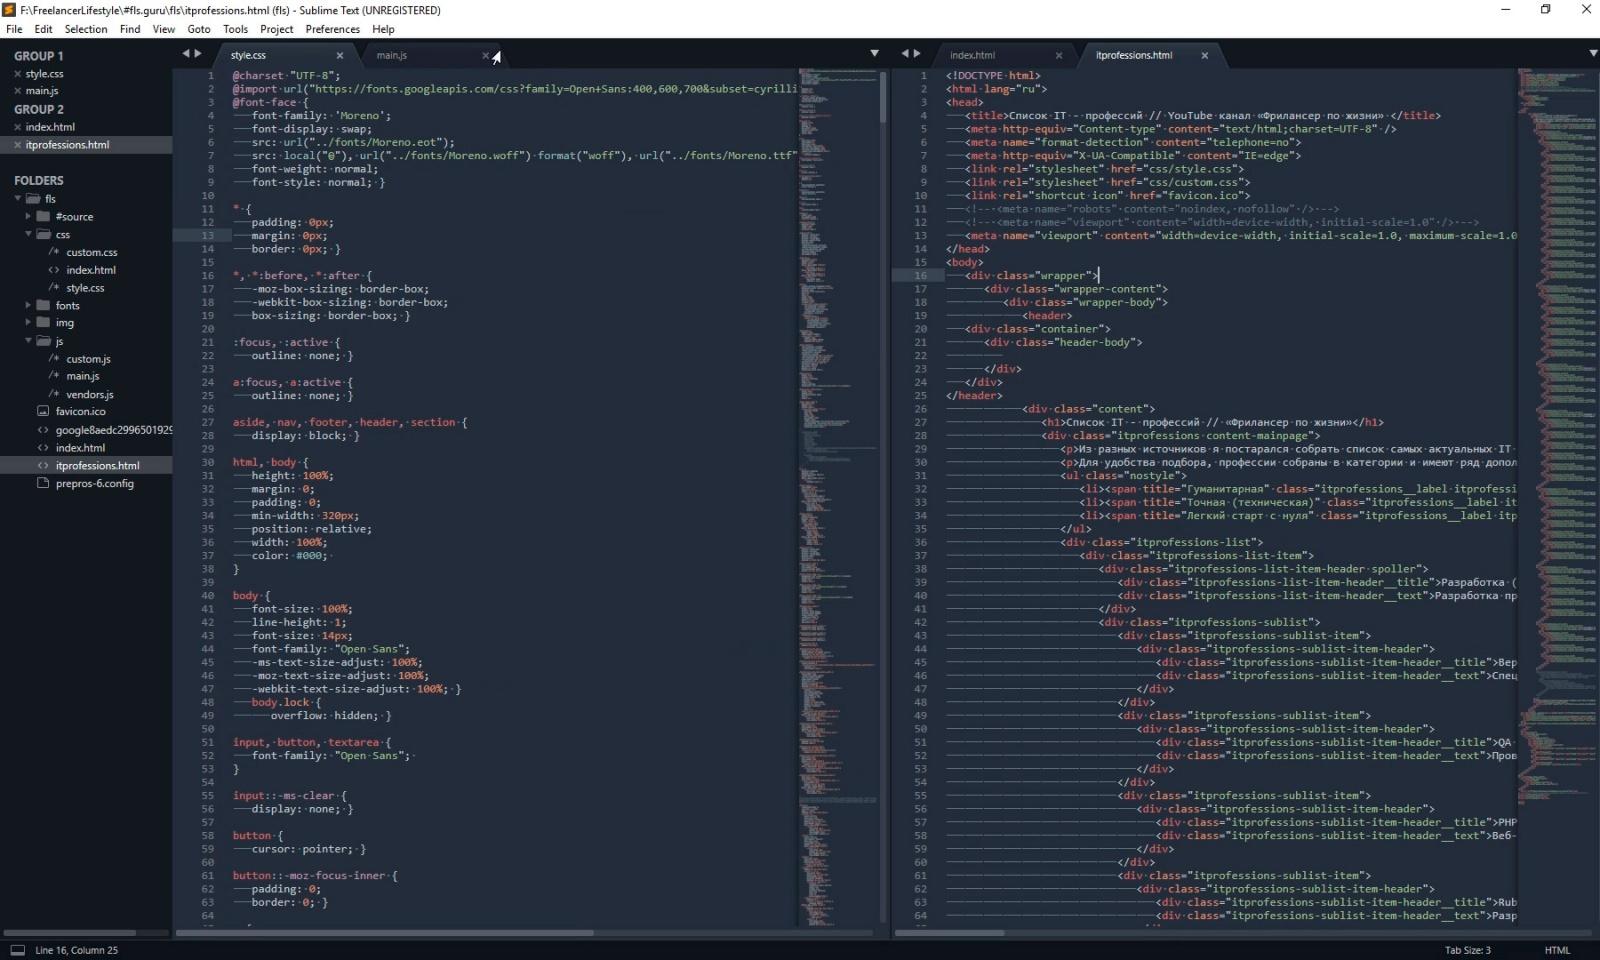 Sublime Text 3 для верстки сайтов. Настройка внешнего вида и установка плагинов. Руководство для начинающих - 13